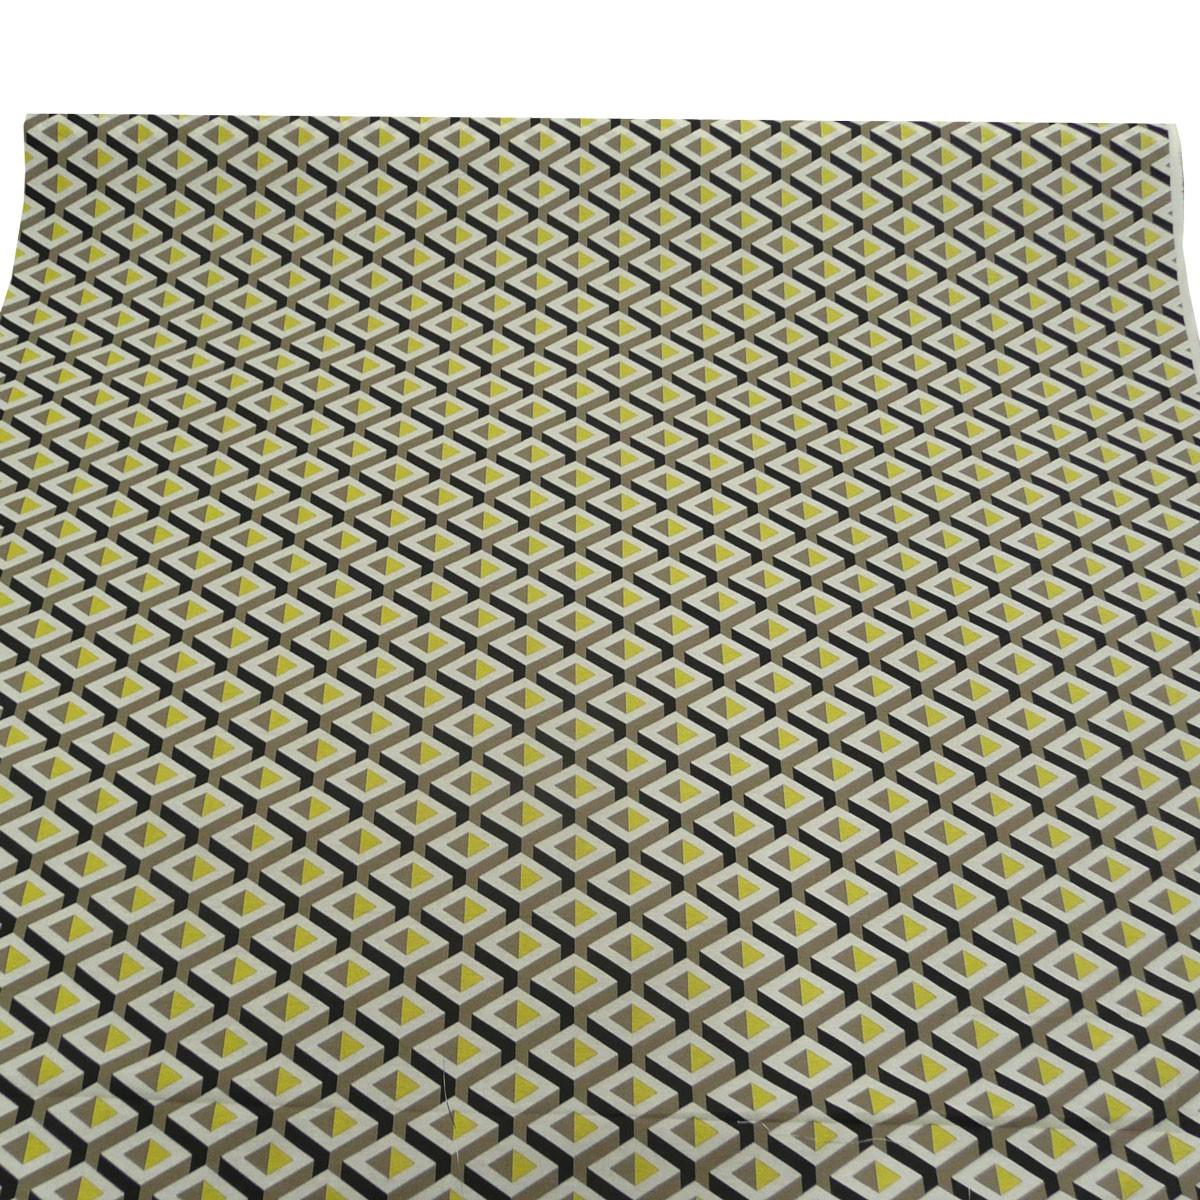 gardinenstoff stoff dekostoff meterware geometrisches muster gelb grau schwarz stoffe wohnstoffe. Black Bedroom Furniture Sets. Home Design Ideas